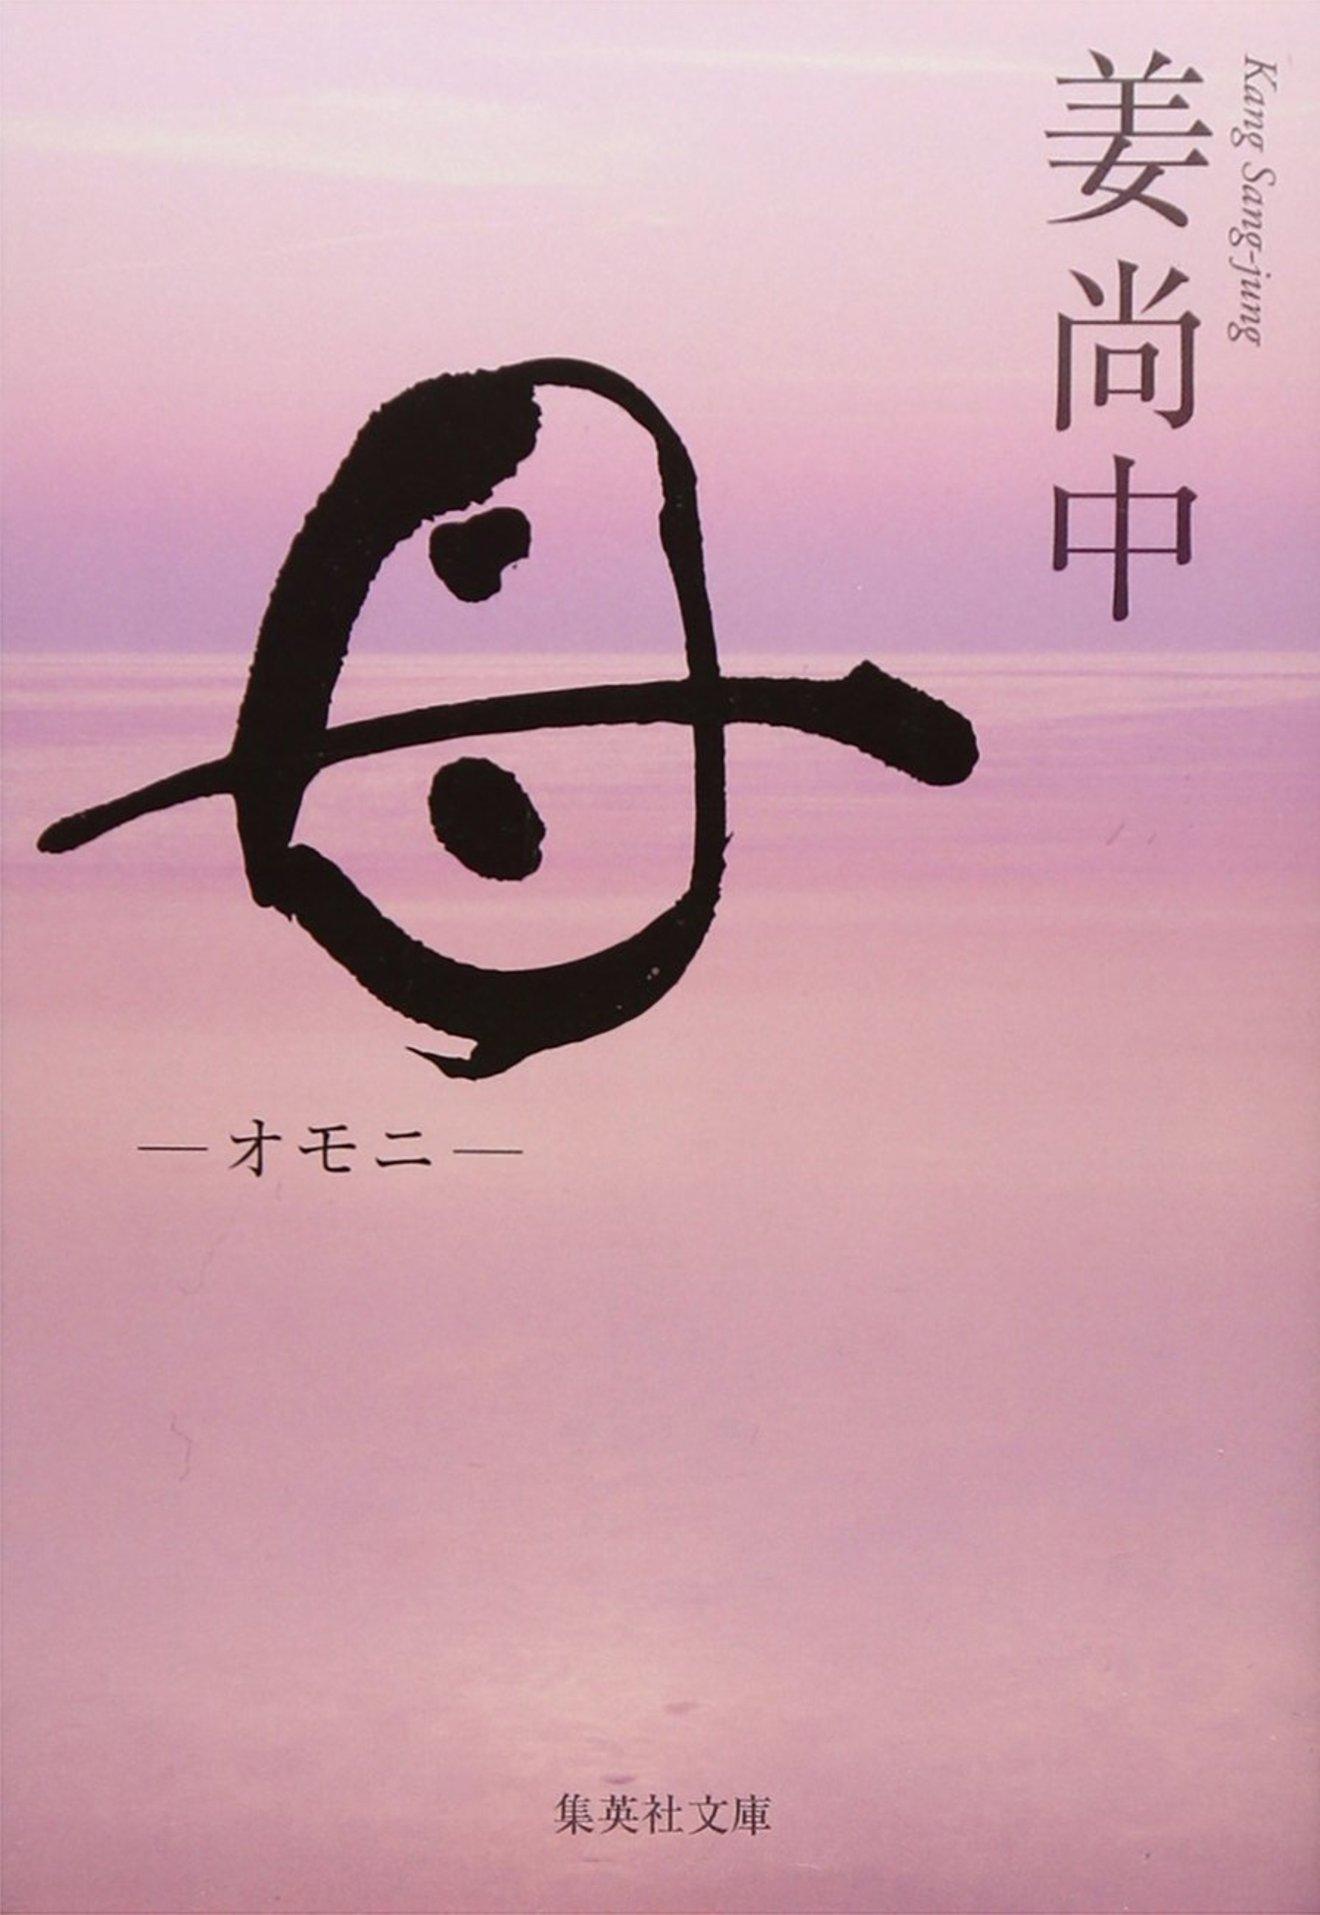 姜尚中おすすめ本5選!日本名を捨てる決意をした著者の生き方に触れる